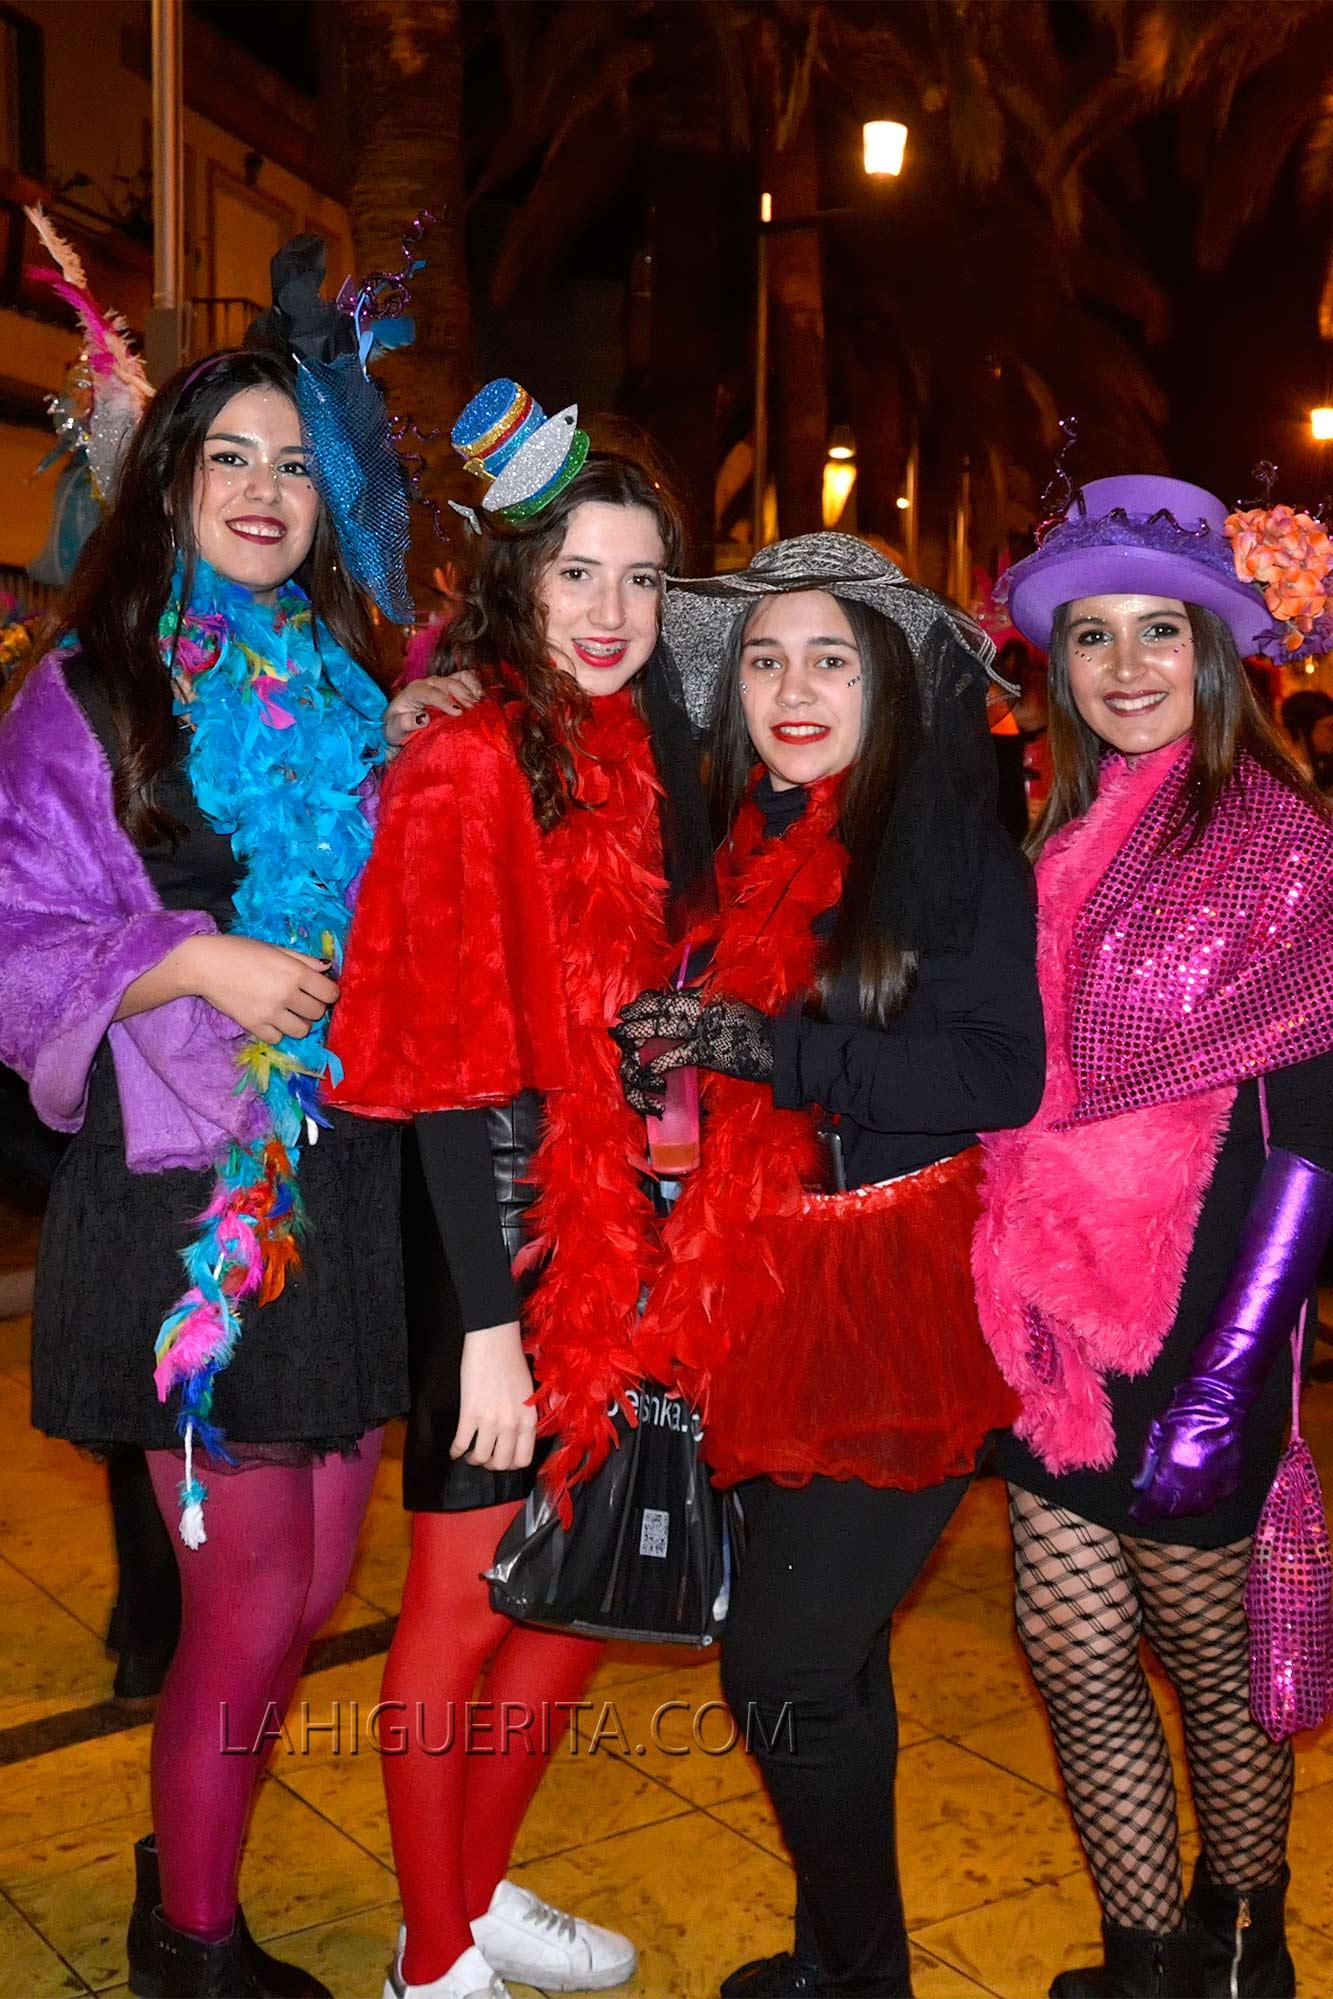 Entierro de la sardina carnaval isla cristina _DSC2133